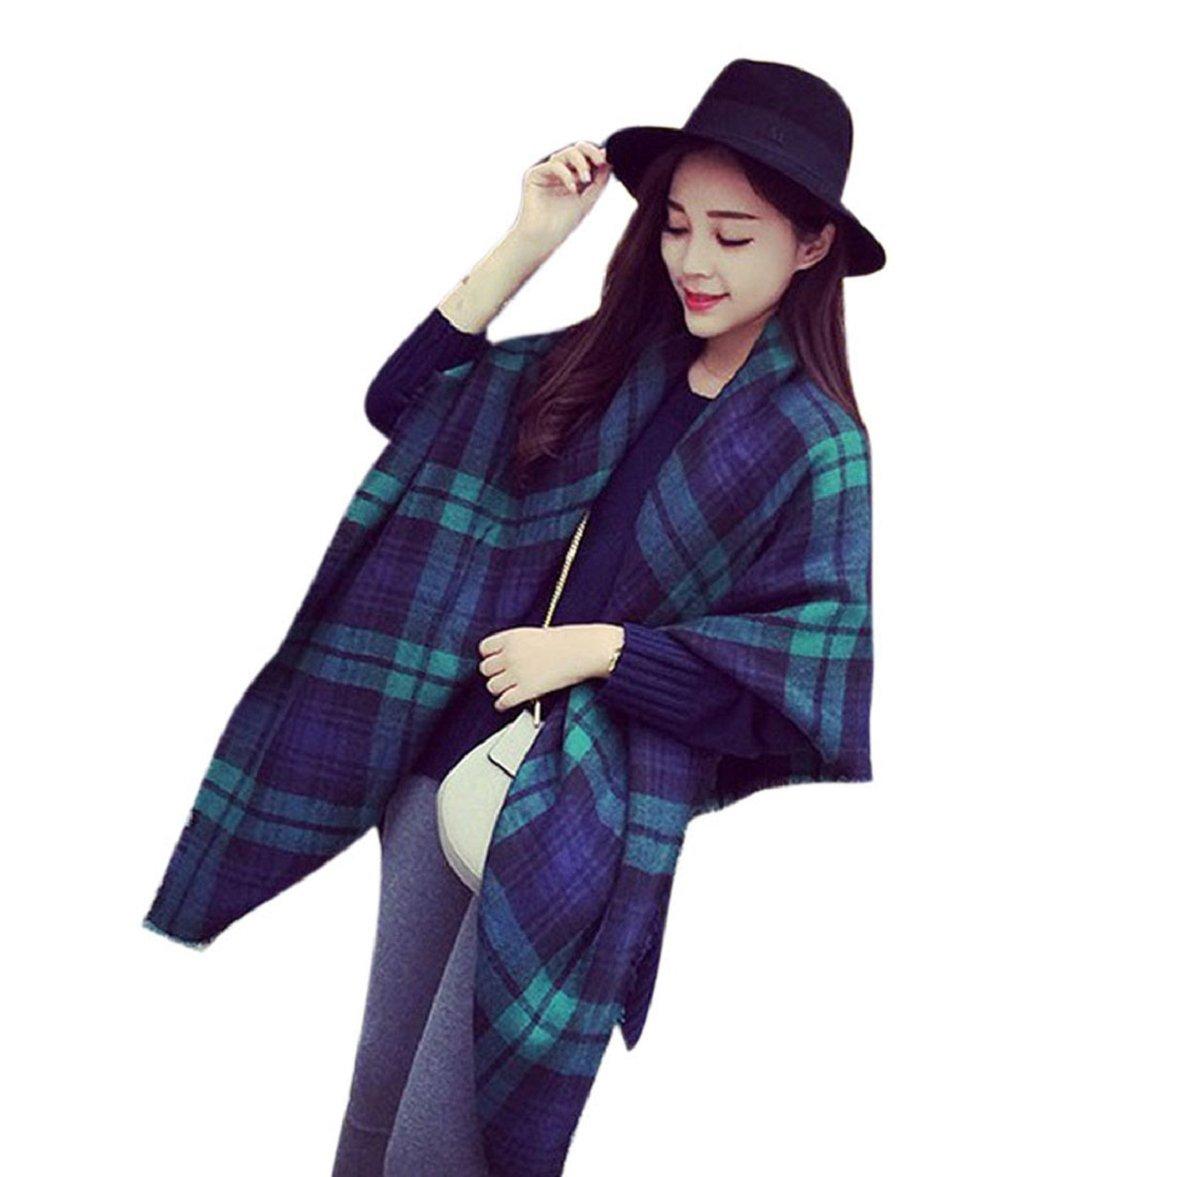 Ukamshop 1PC Frauen übergroß luxus Schottenmuster Pashminas gemütlich Decke Plaid Stolen